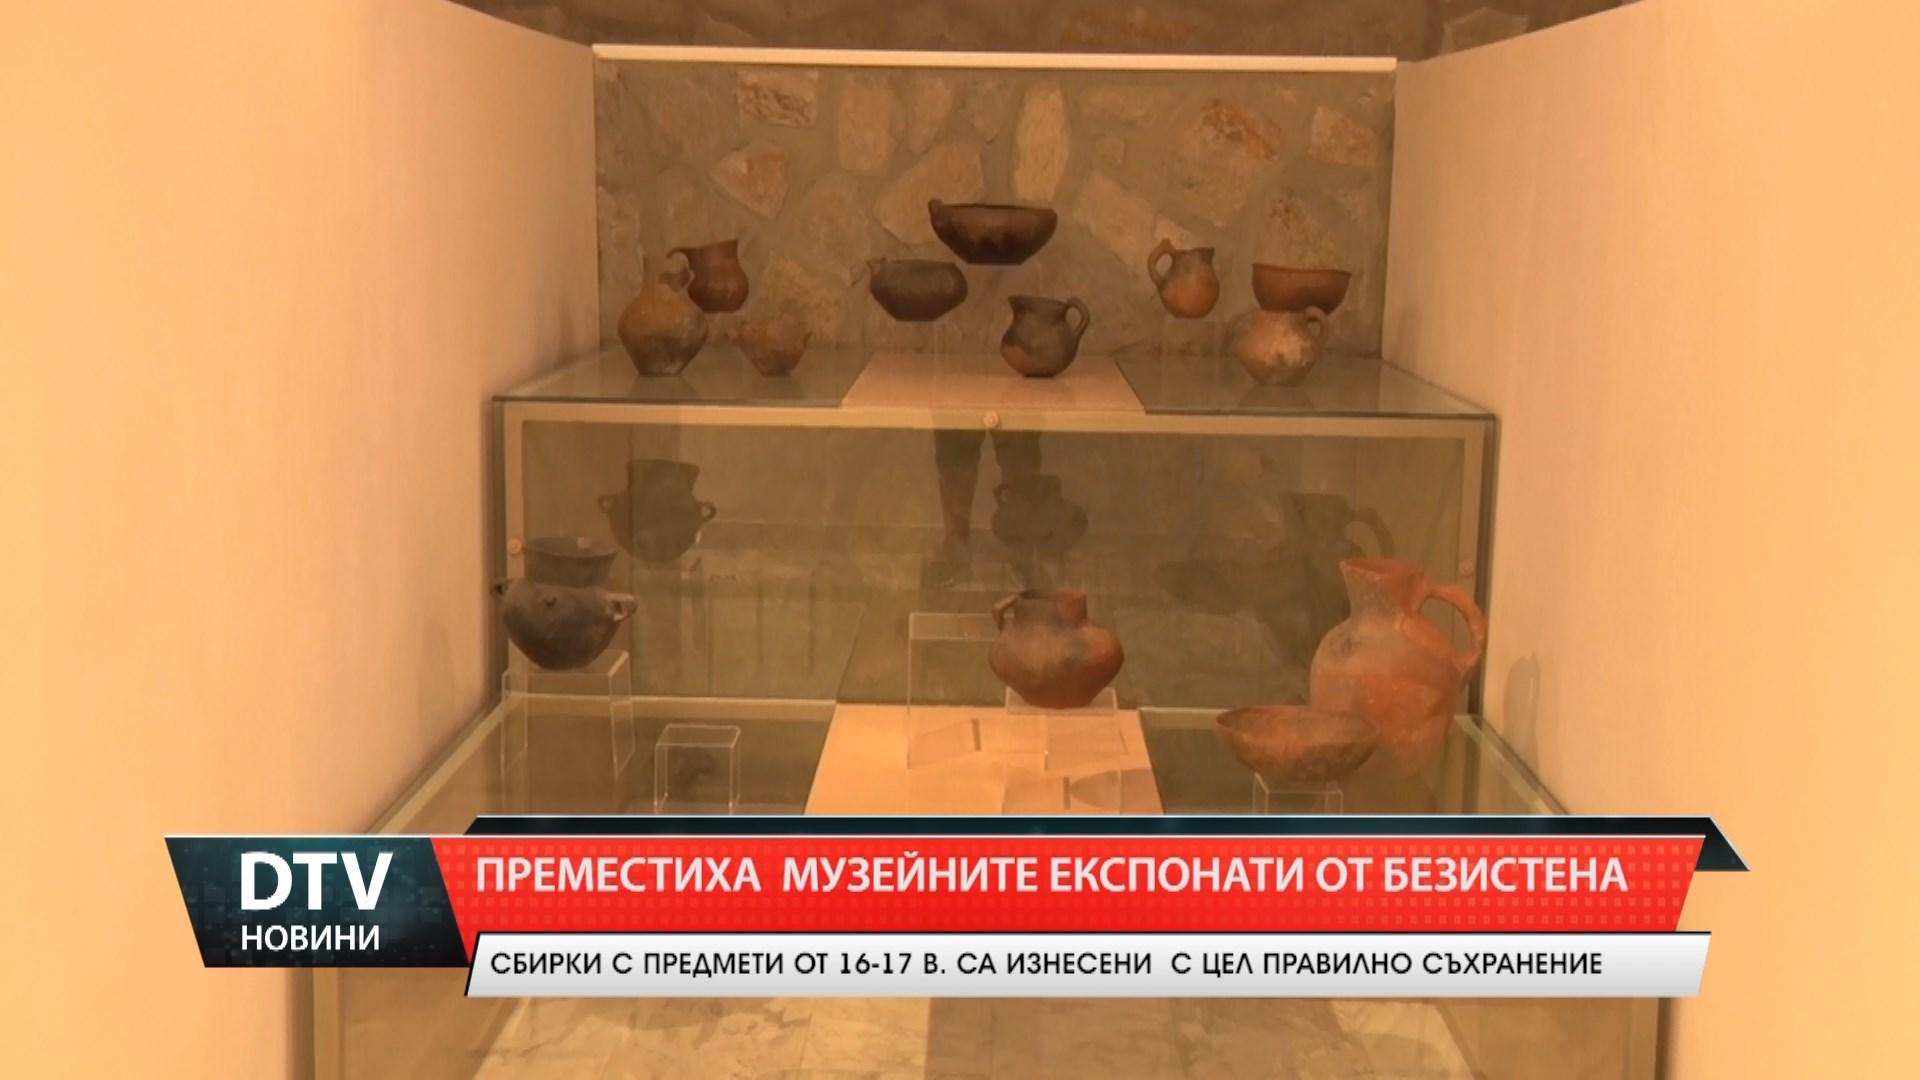 Изнесоха музейни експонати от Безистена